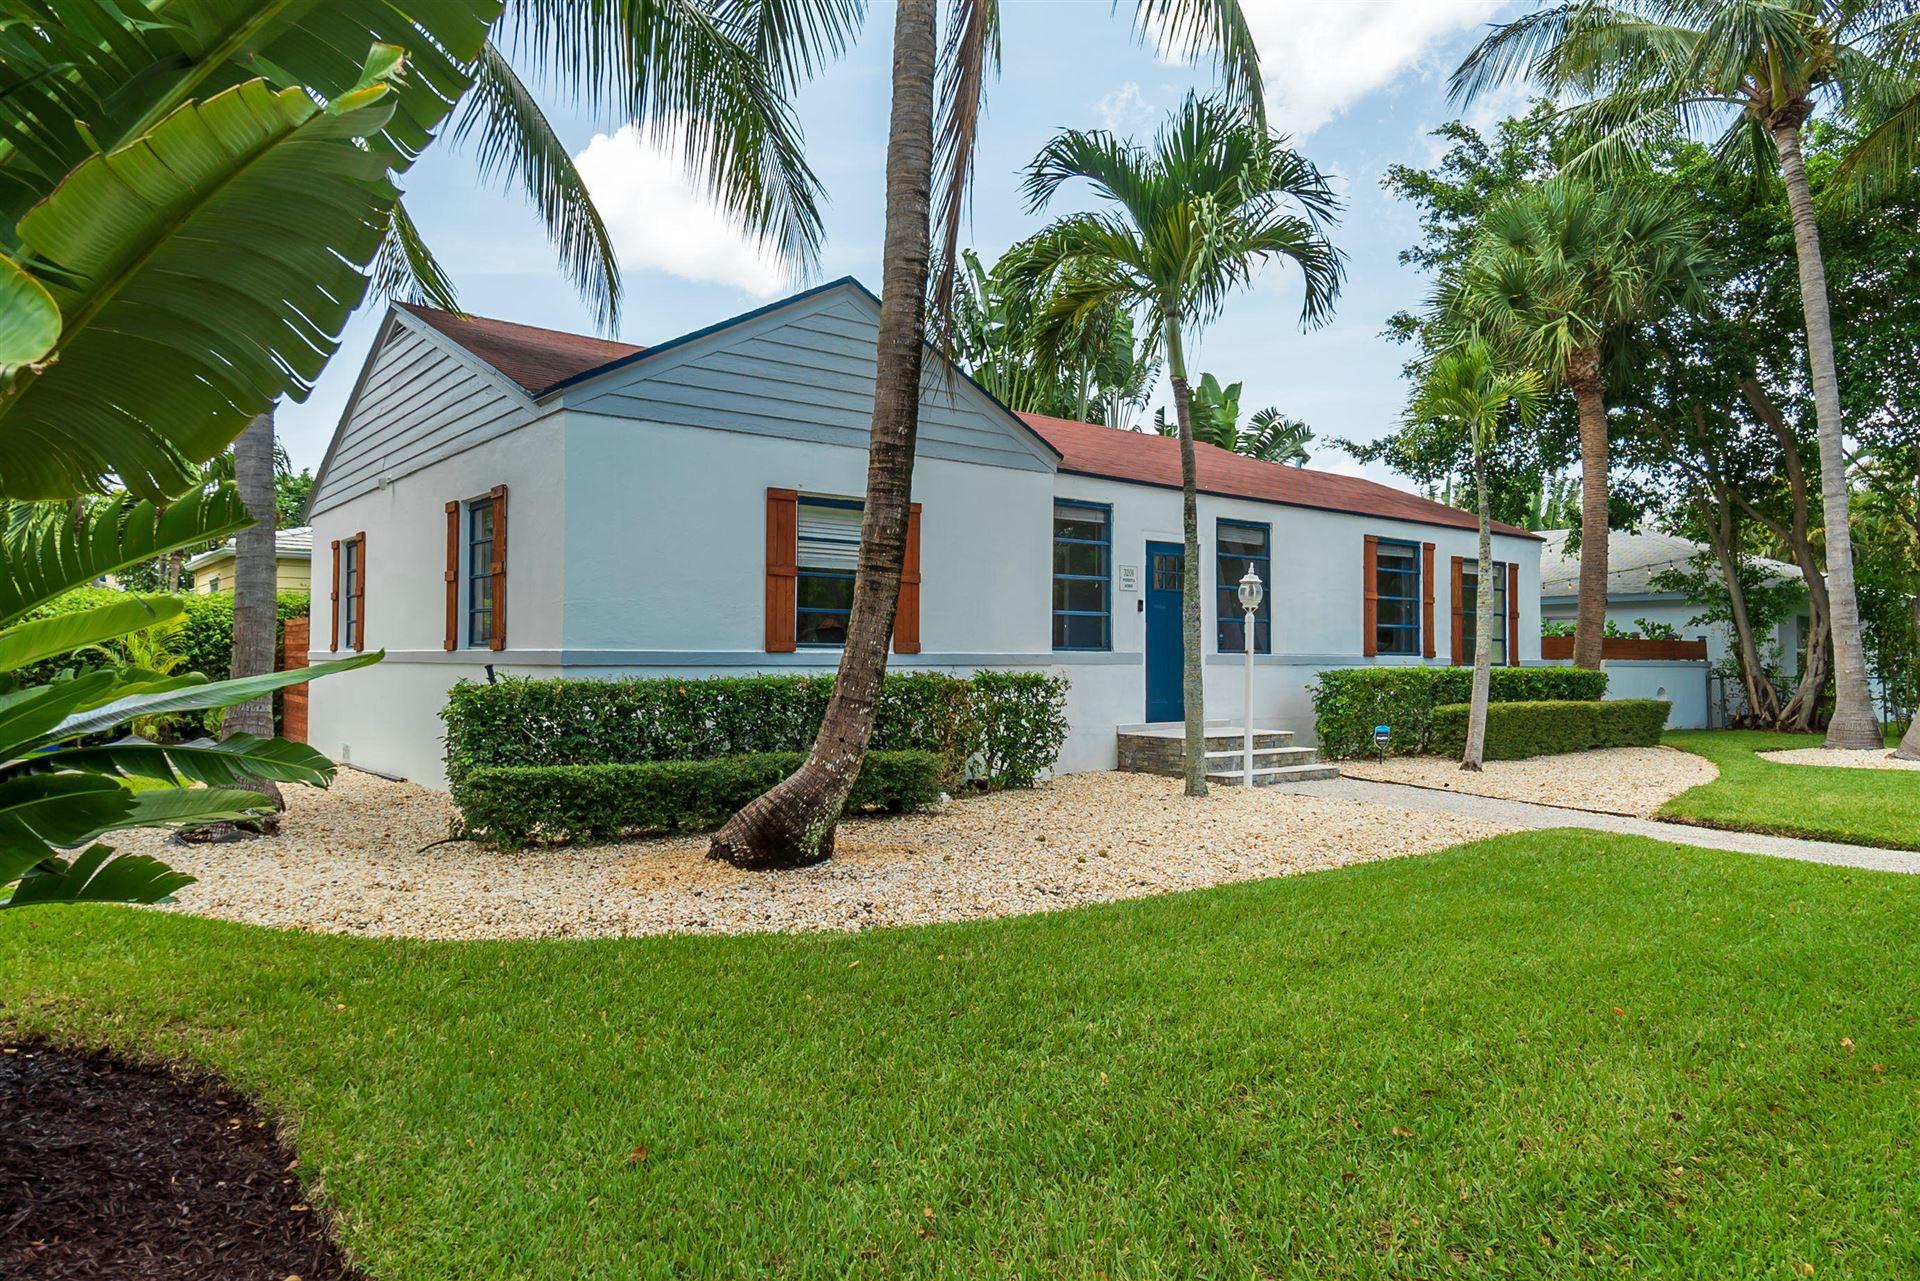 3201 Poinsettia Avenue, West Palm Beach, FL 33407 - #: RX-10594266